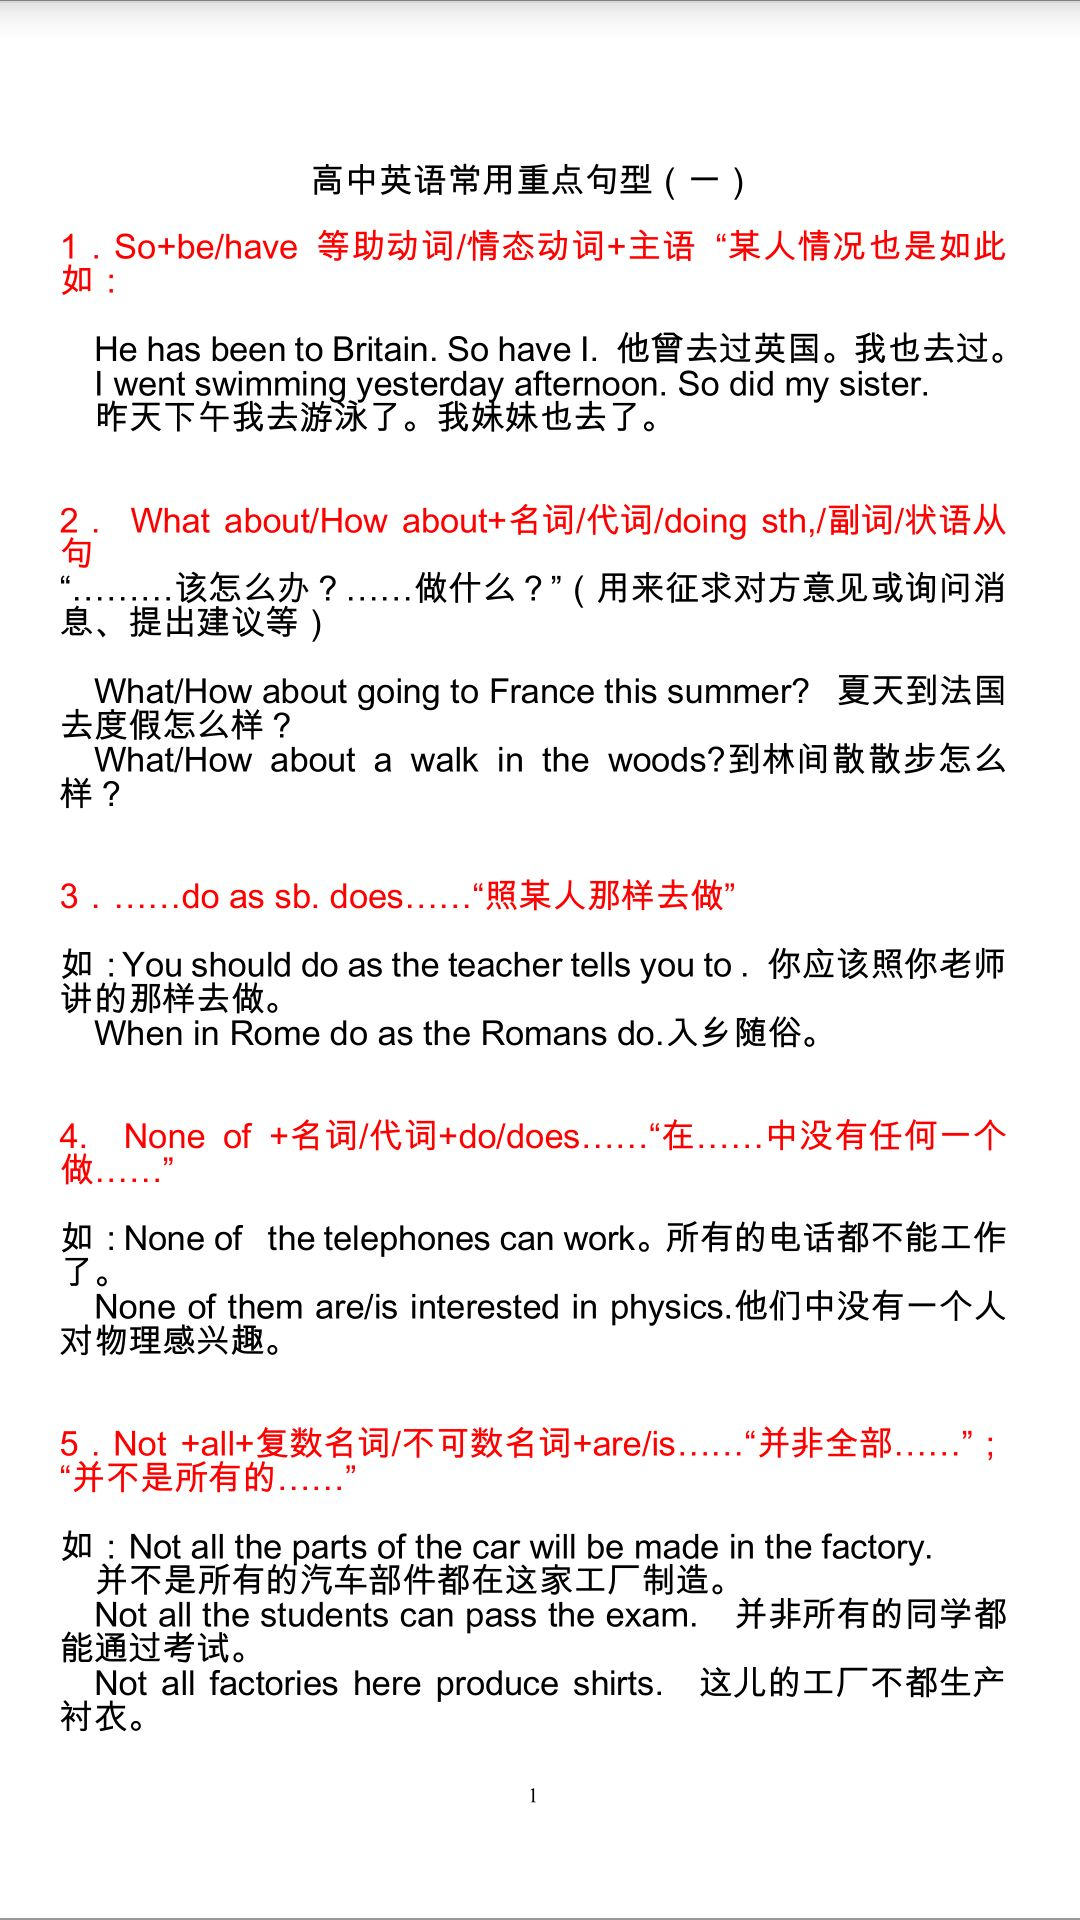 高中英语知识点归纳:高中英语常用重点句型